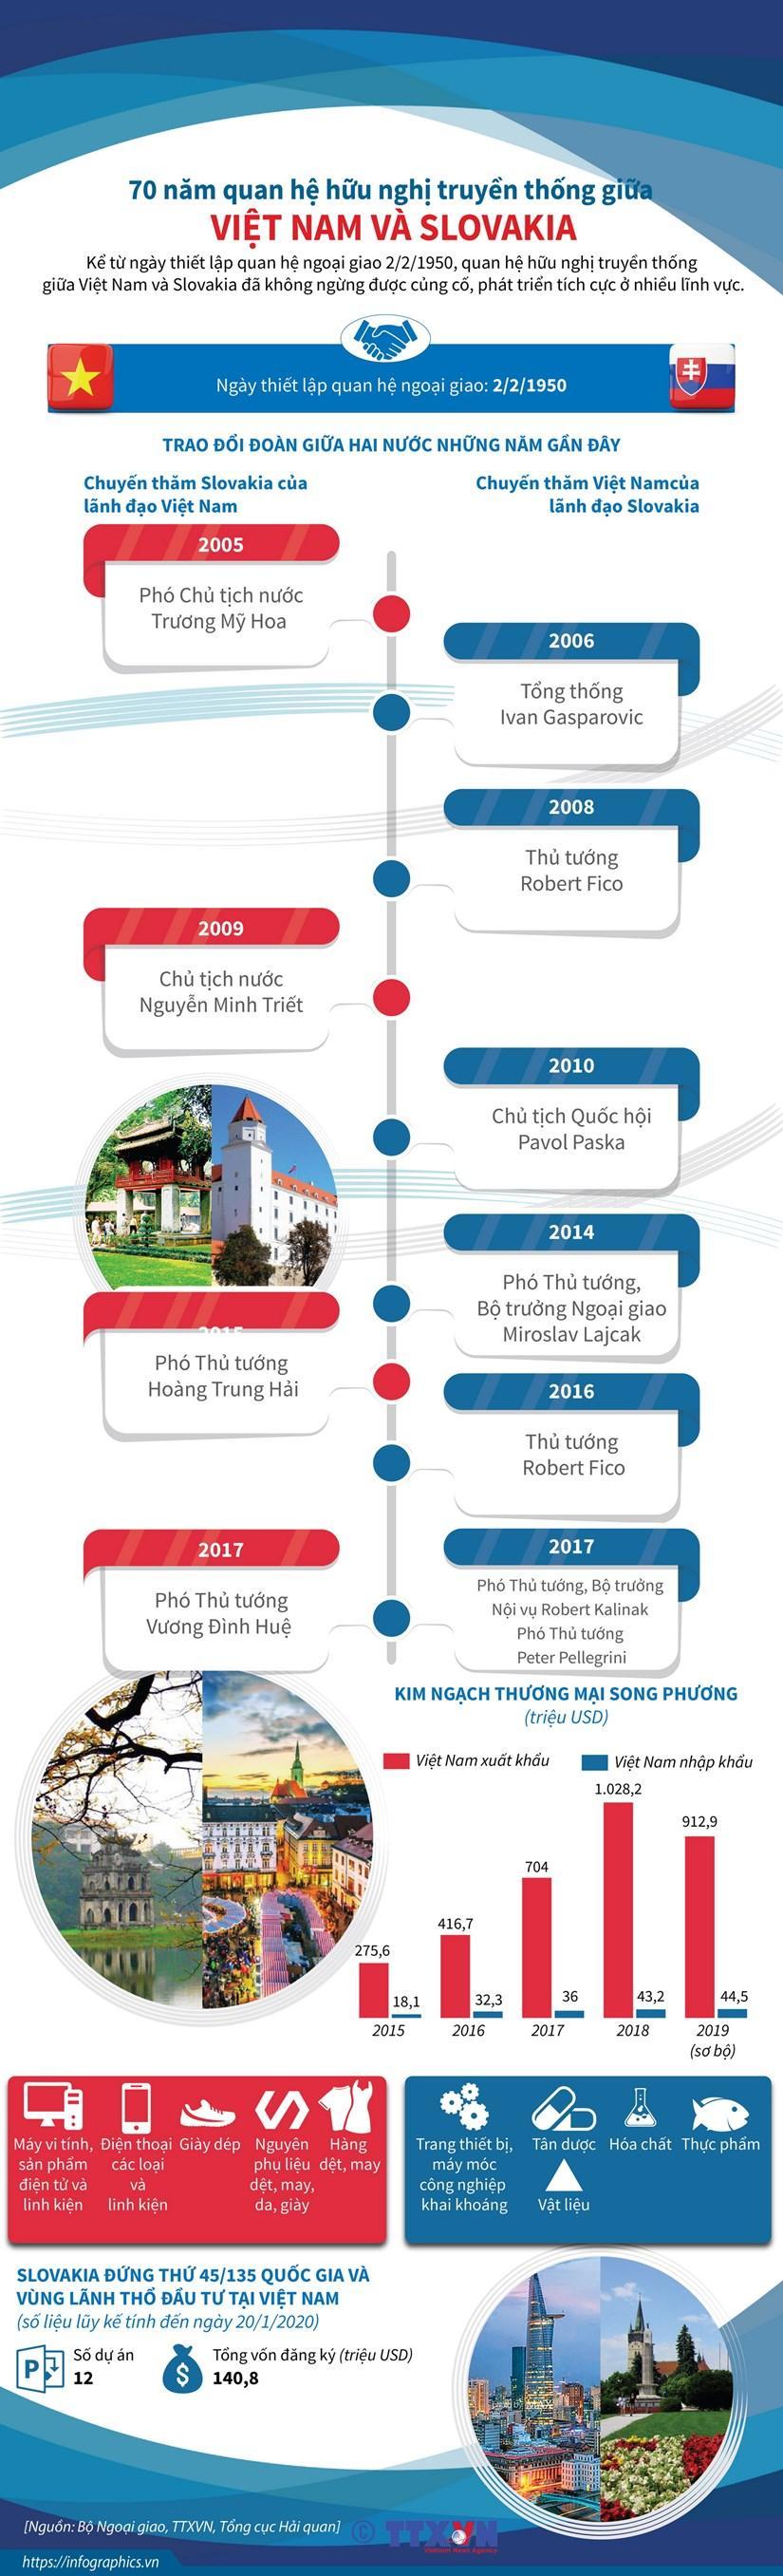 70 năm quan hệ hữu nghị truyền thống giữa Việt Nam và Slovakia Ảnh 1